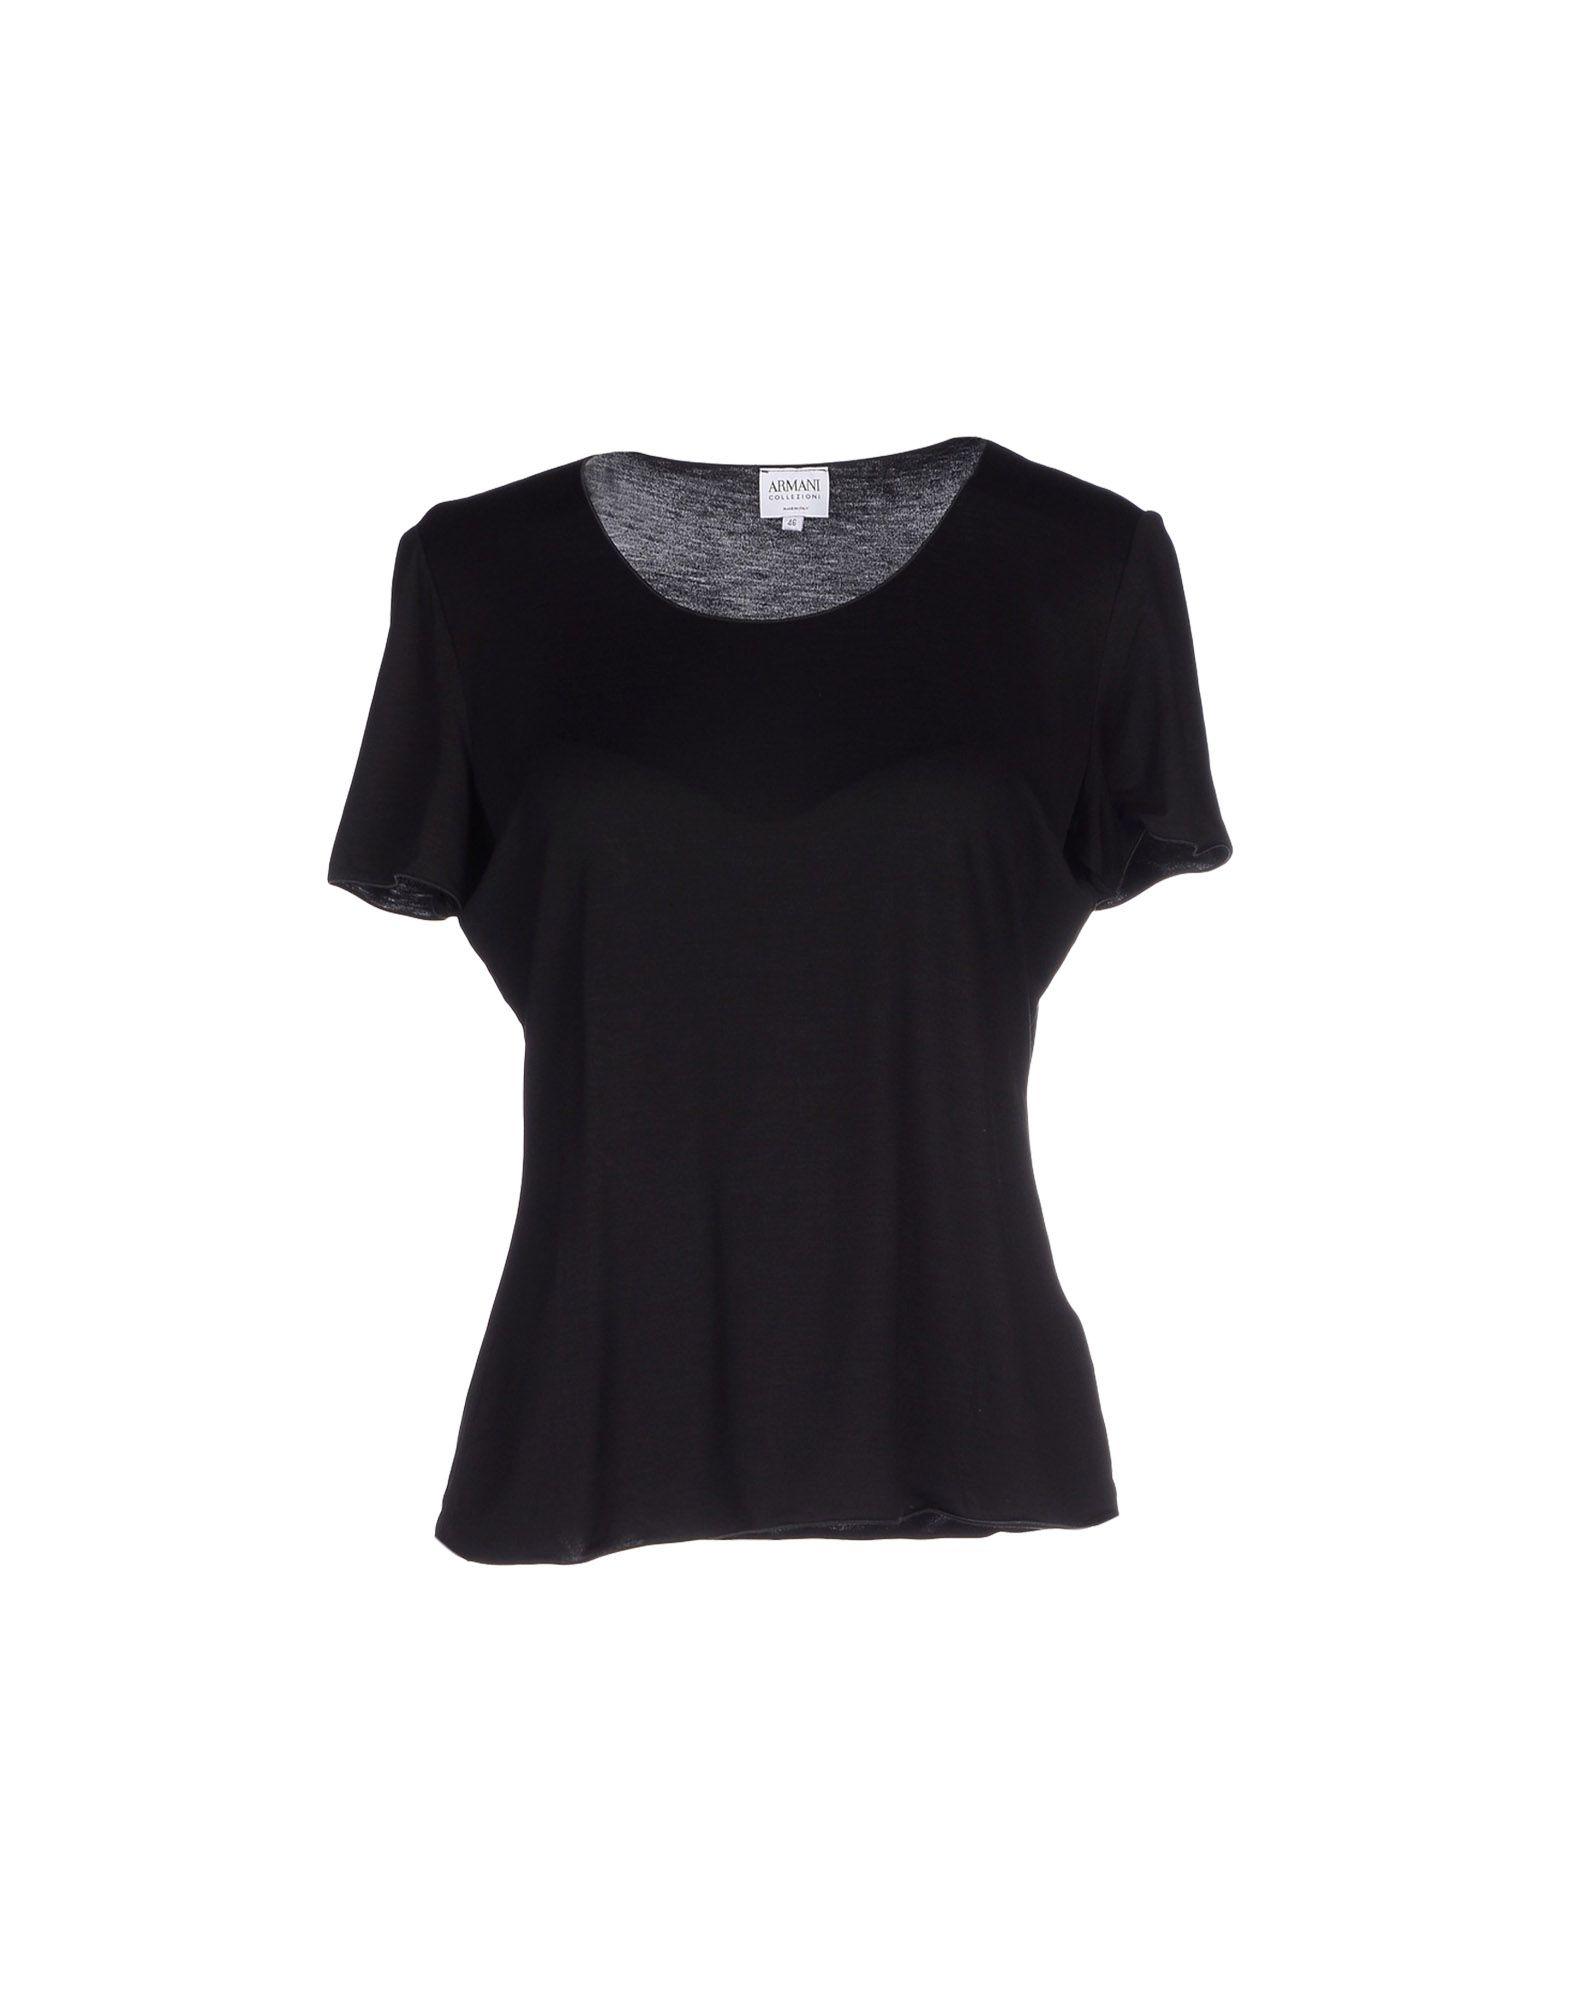 Lyst armani t shirt in black for Black armani t shirt